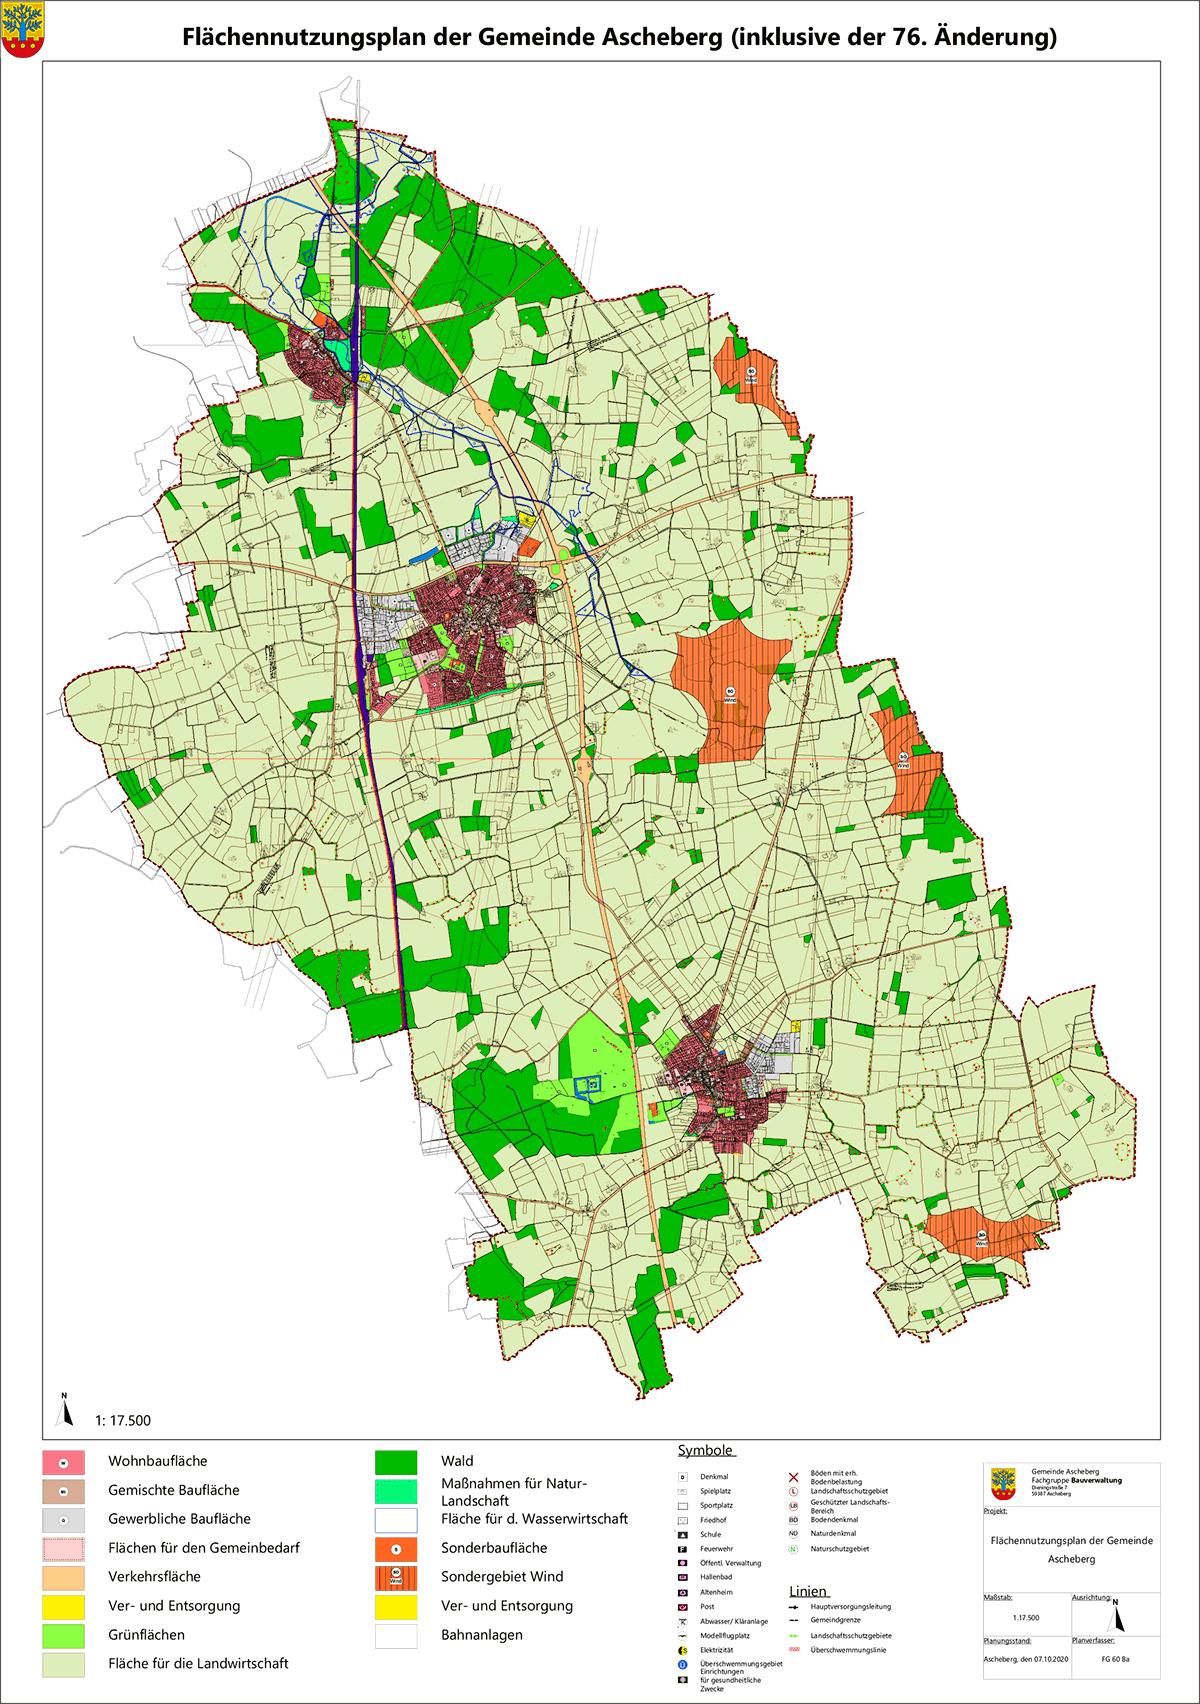 Der aktuelle Flächennutzungsplan der Gemeinde Ascheberg